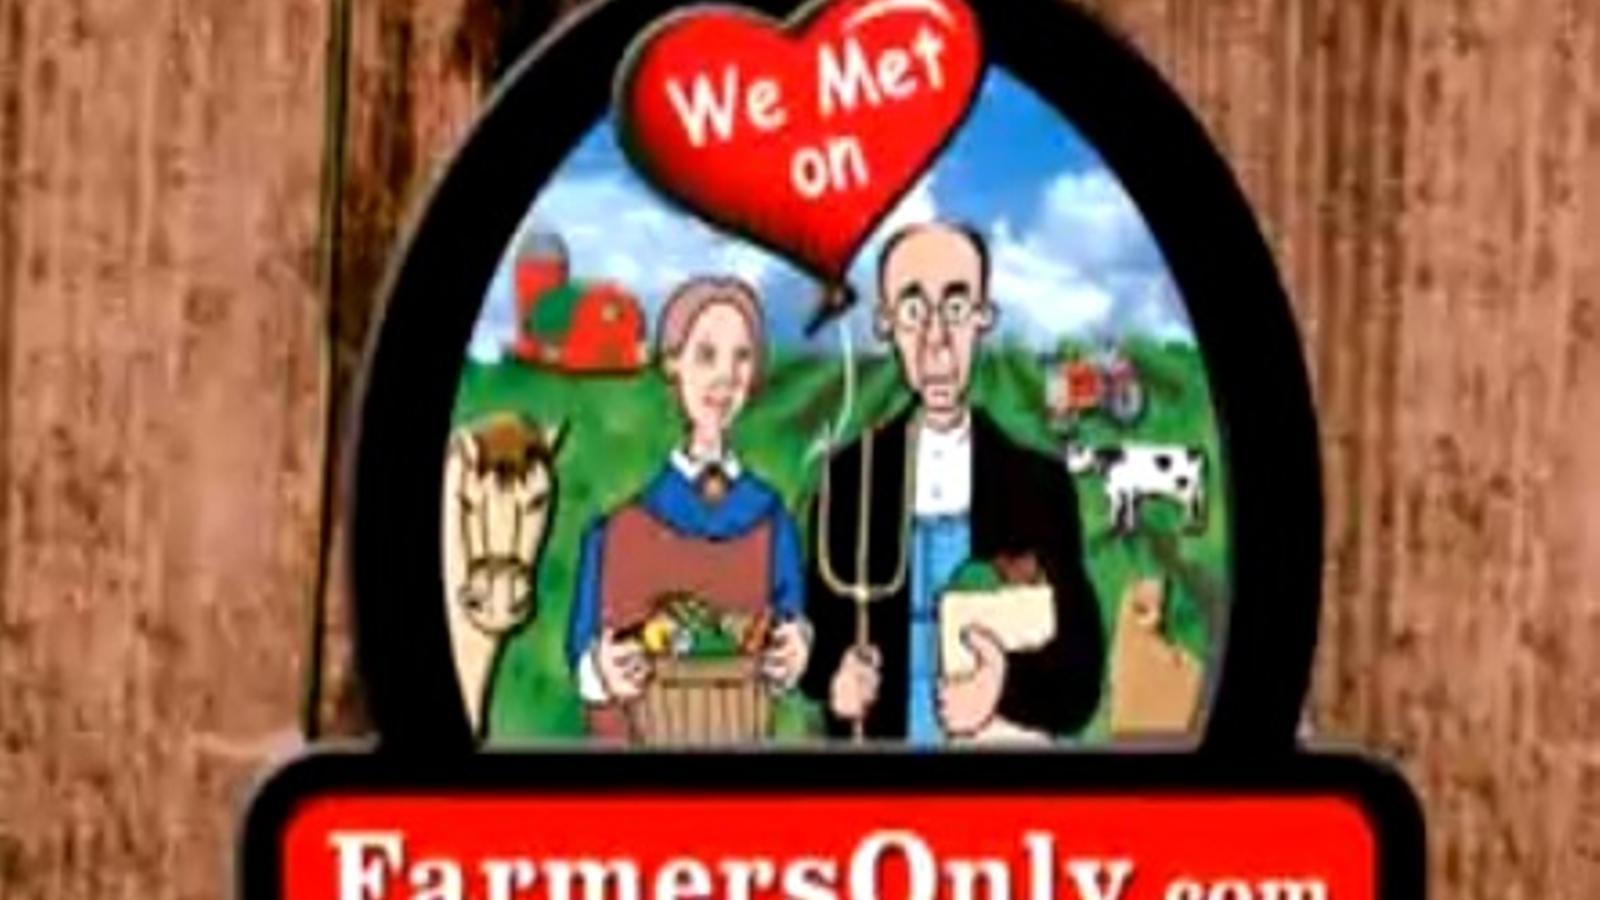 FarmersOnly.com permet als grangers lligar a través de la xarxa, als EUA